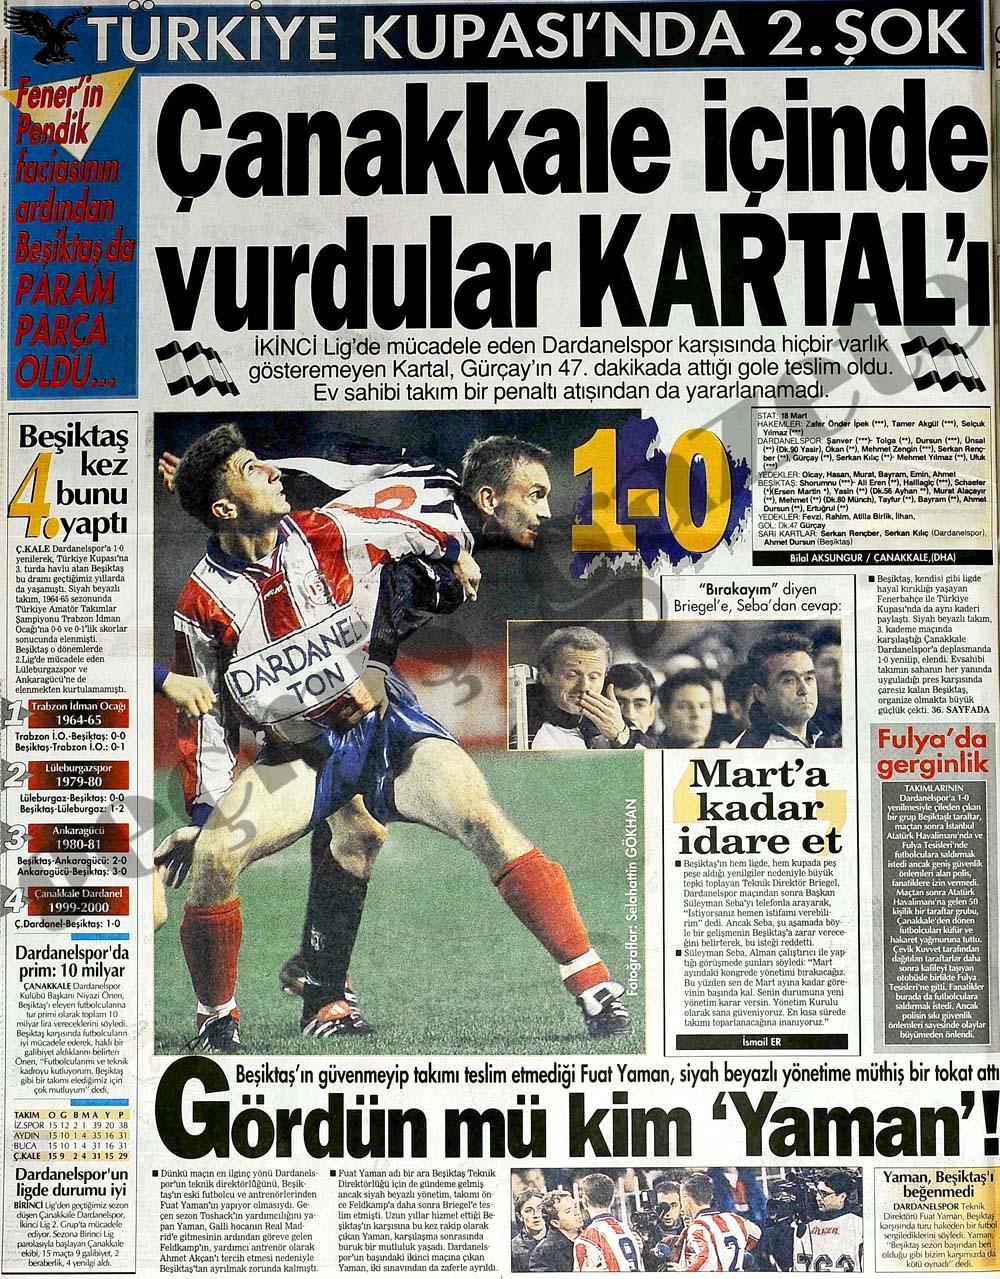 Türkiye Kupası'nda 2. şok: Çanakkale içinde vurdular Kartal'ı